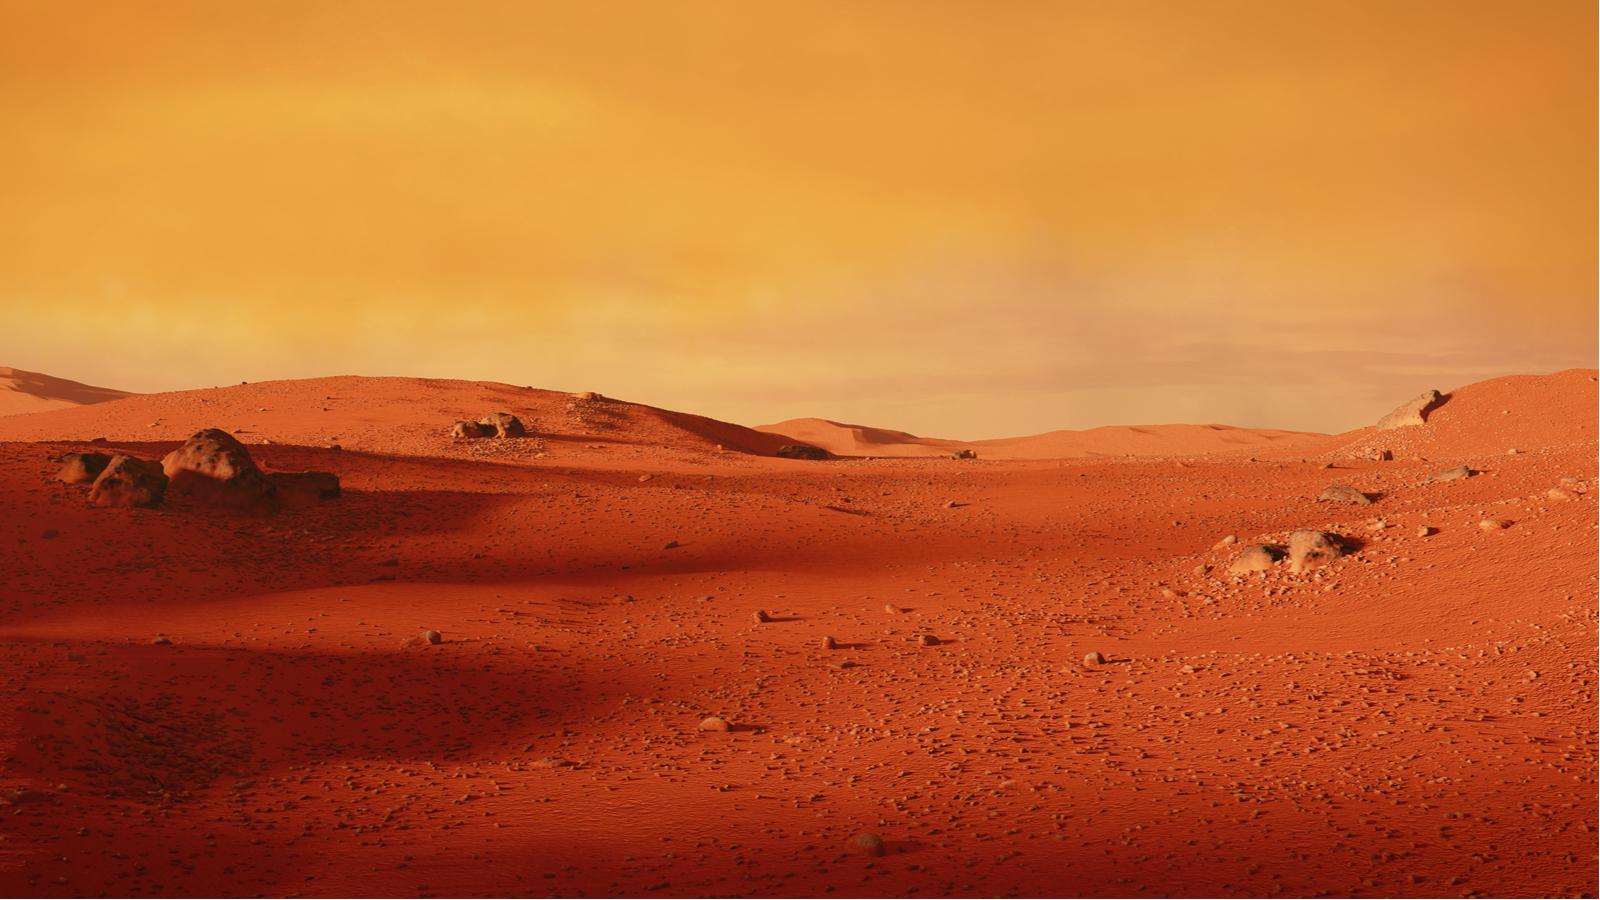 Il faudrait 20 ans pour bâtir une ville habitable sur Mars, d'après Elon Musk